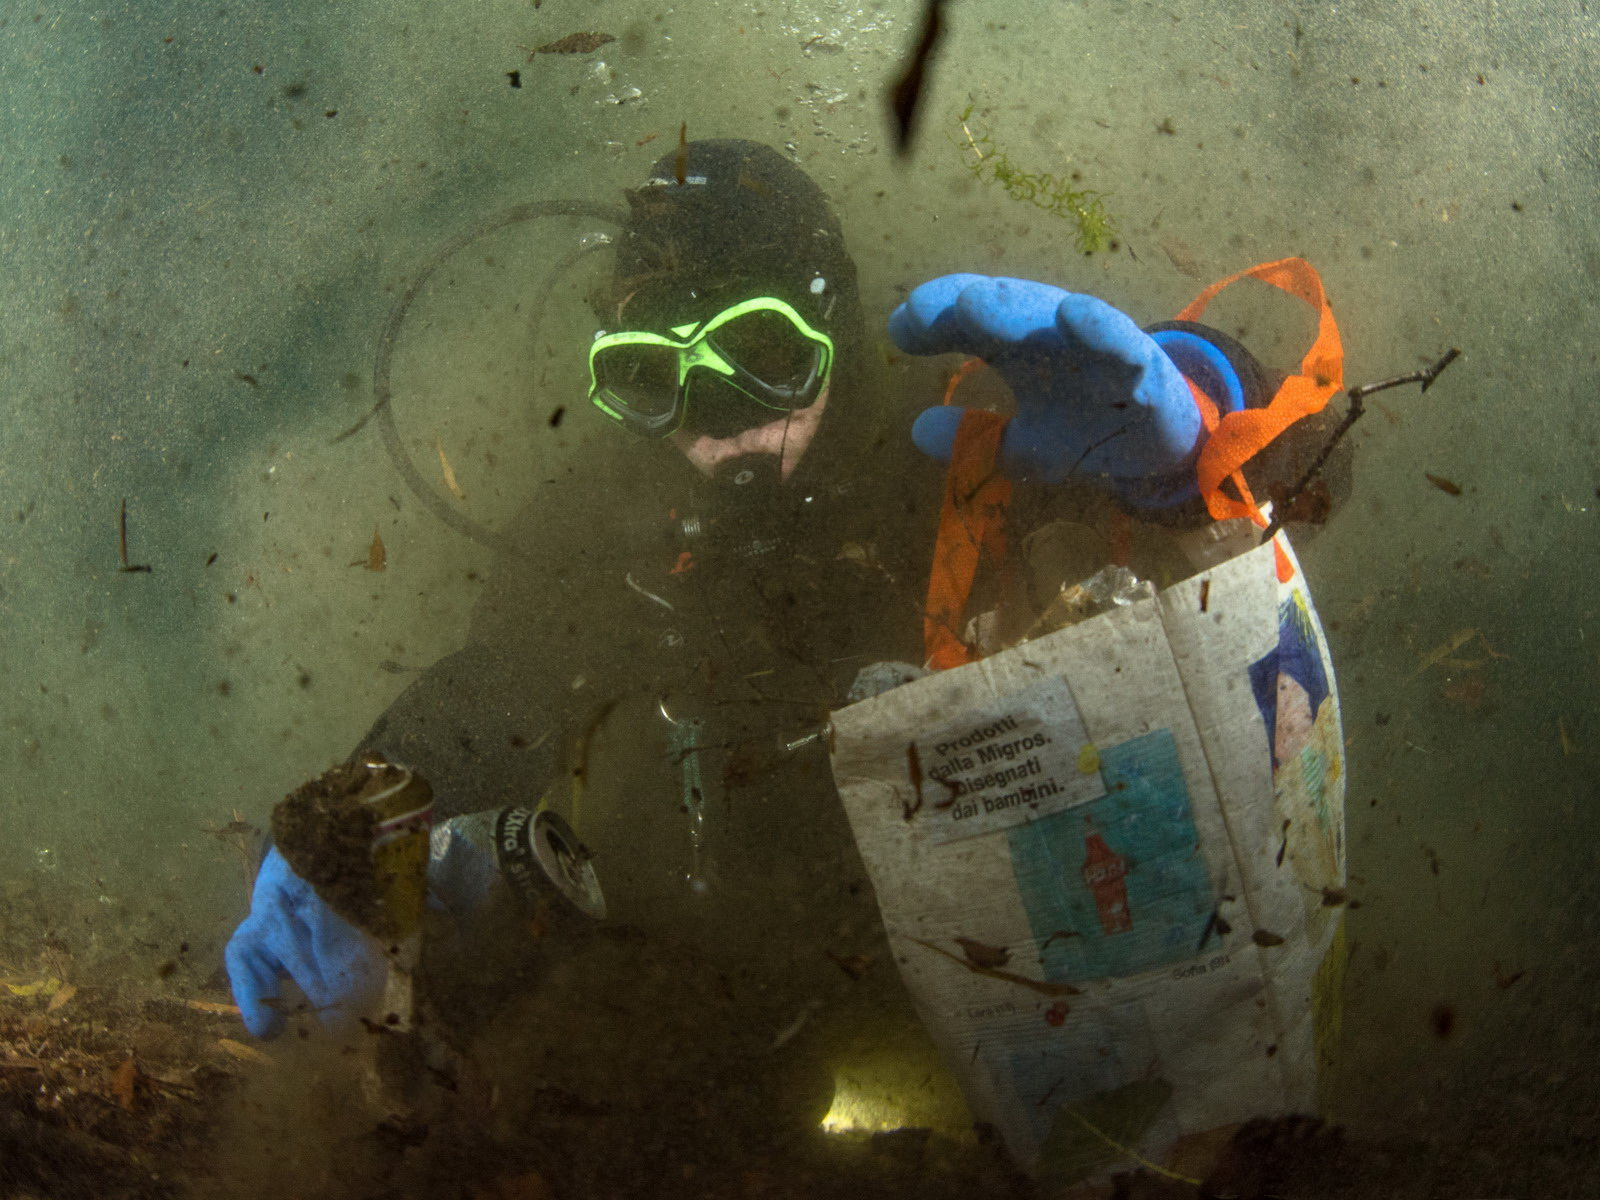 Taucher sammelt mit Einkaufsbeutel Müll